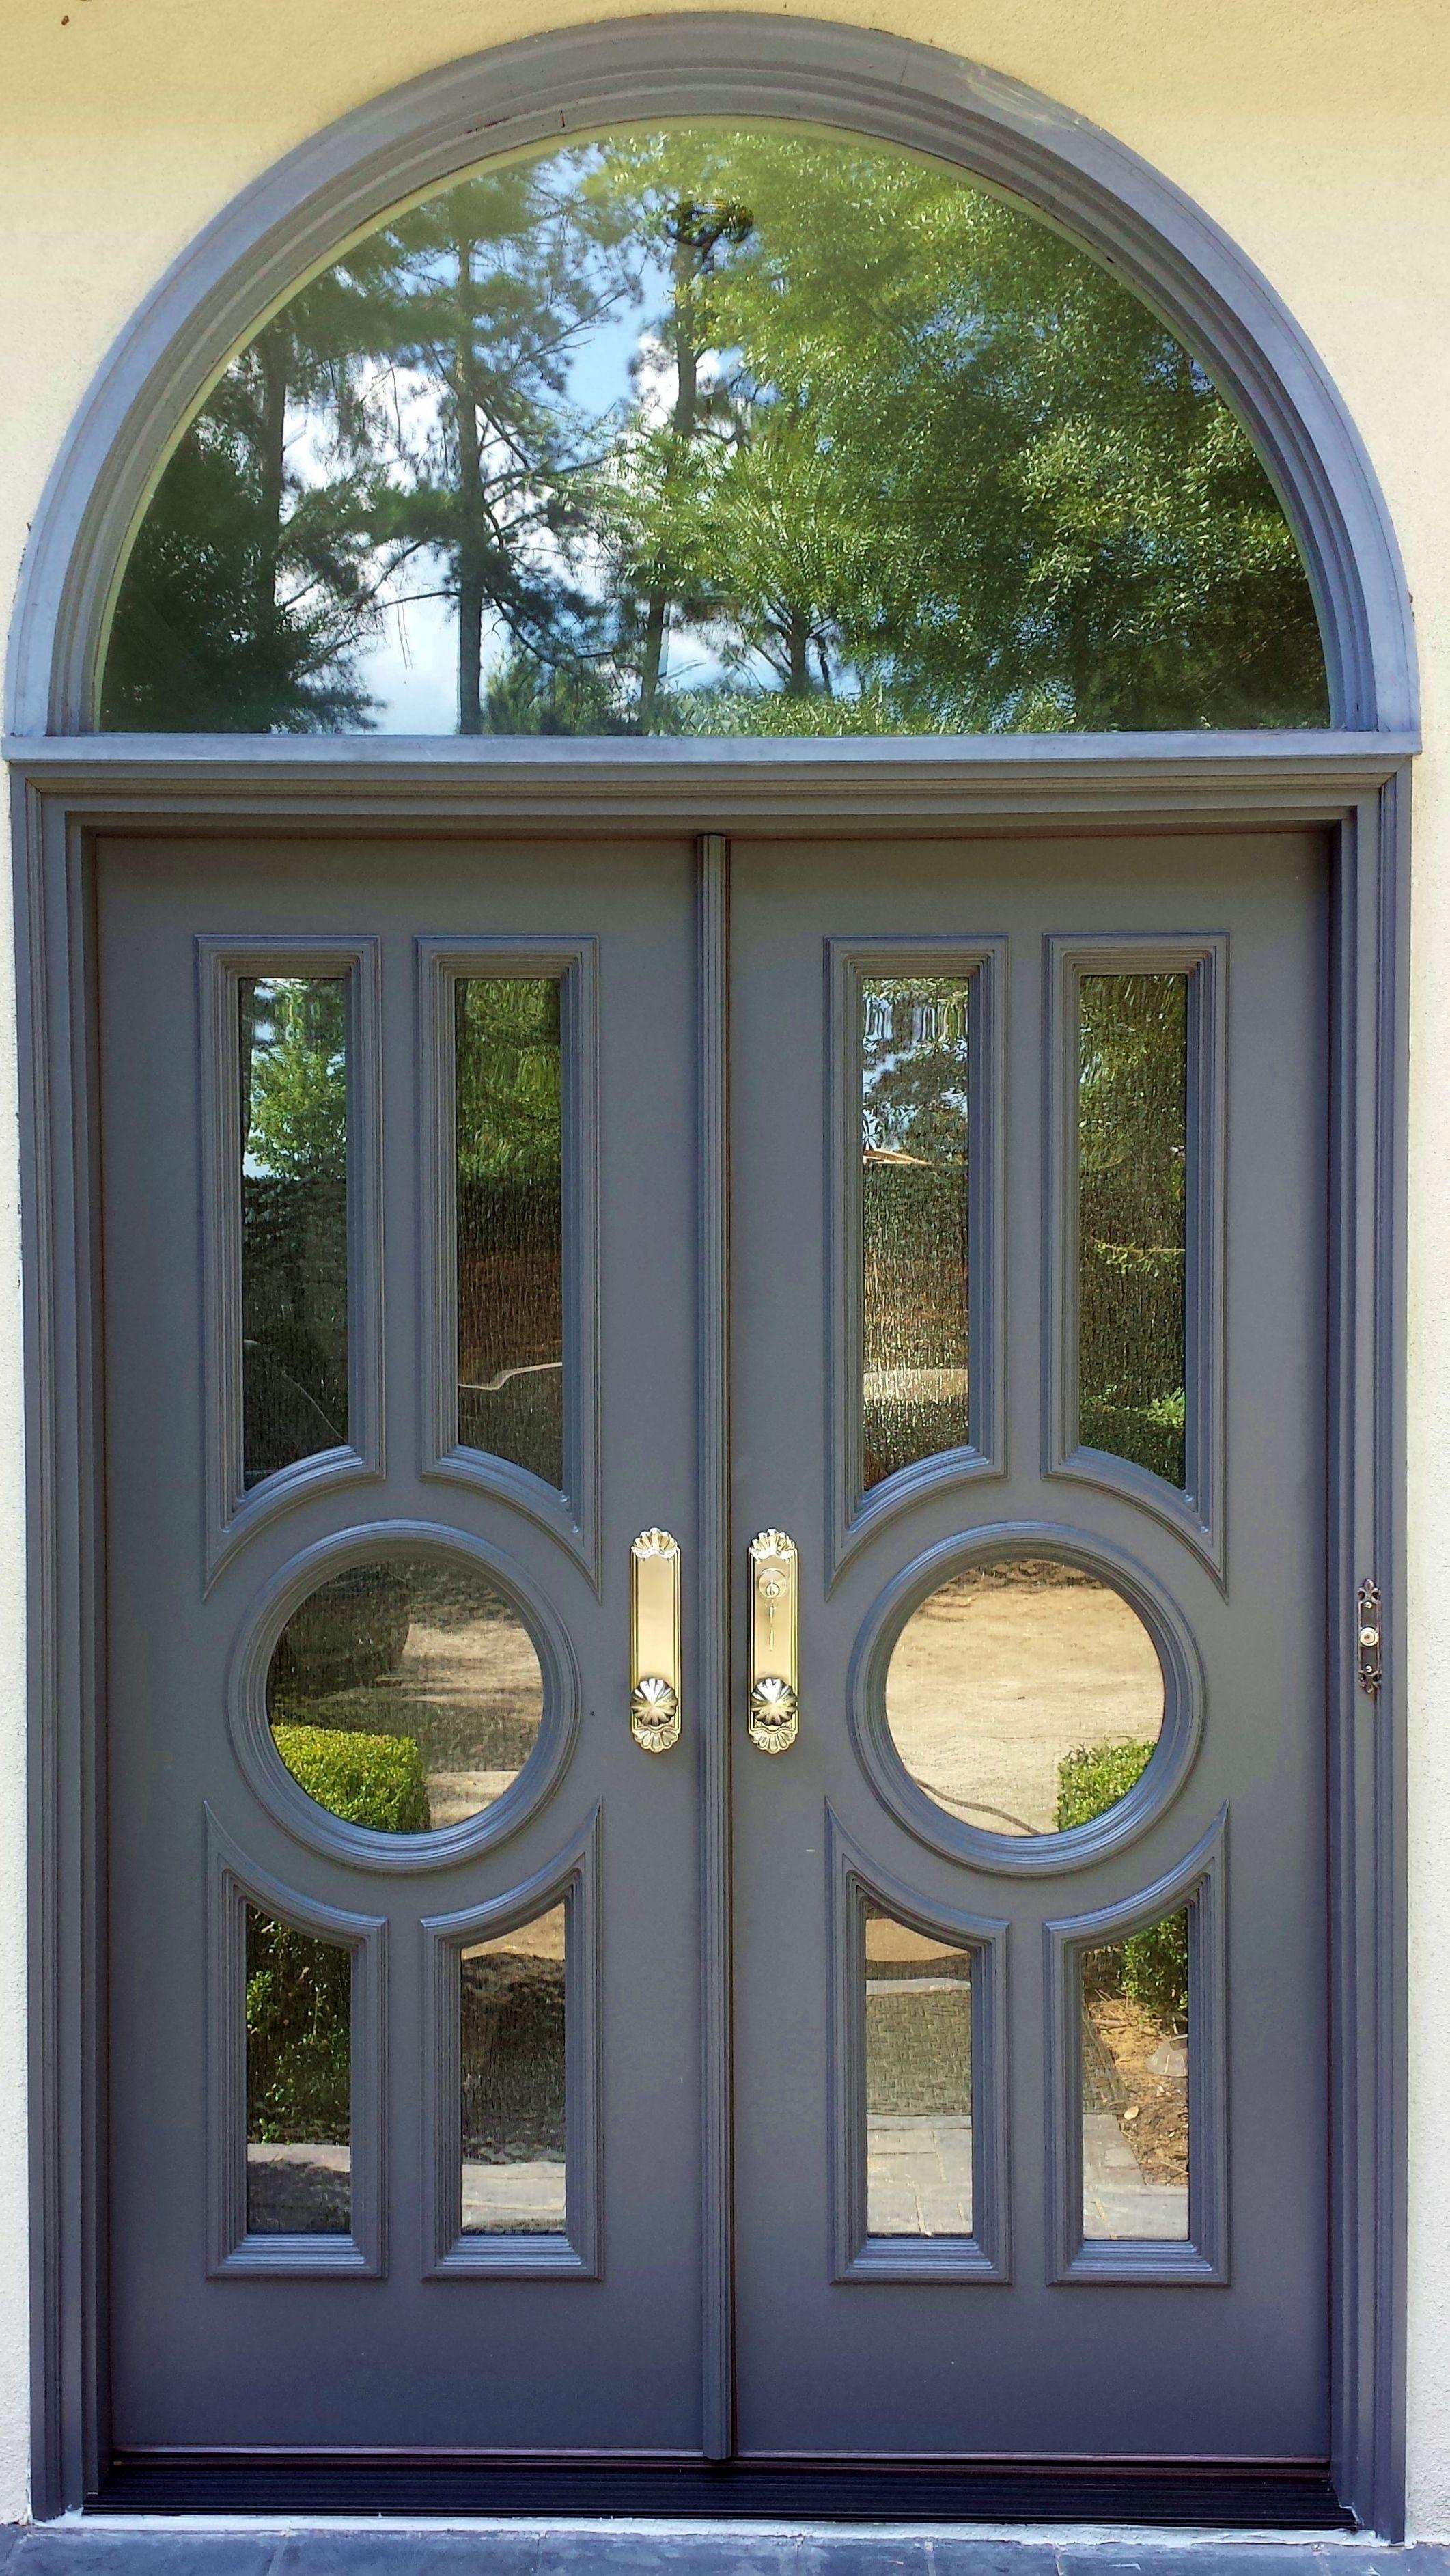 Custom Contemporary Entry Door - Masterpiece Doors .masterpiecedoors.com & Custom Contemporary Entry Door - Masterpiece Doors www ...